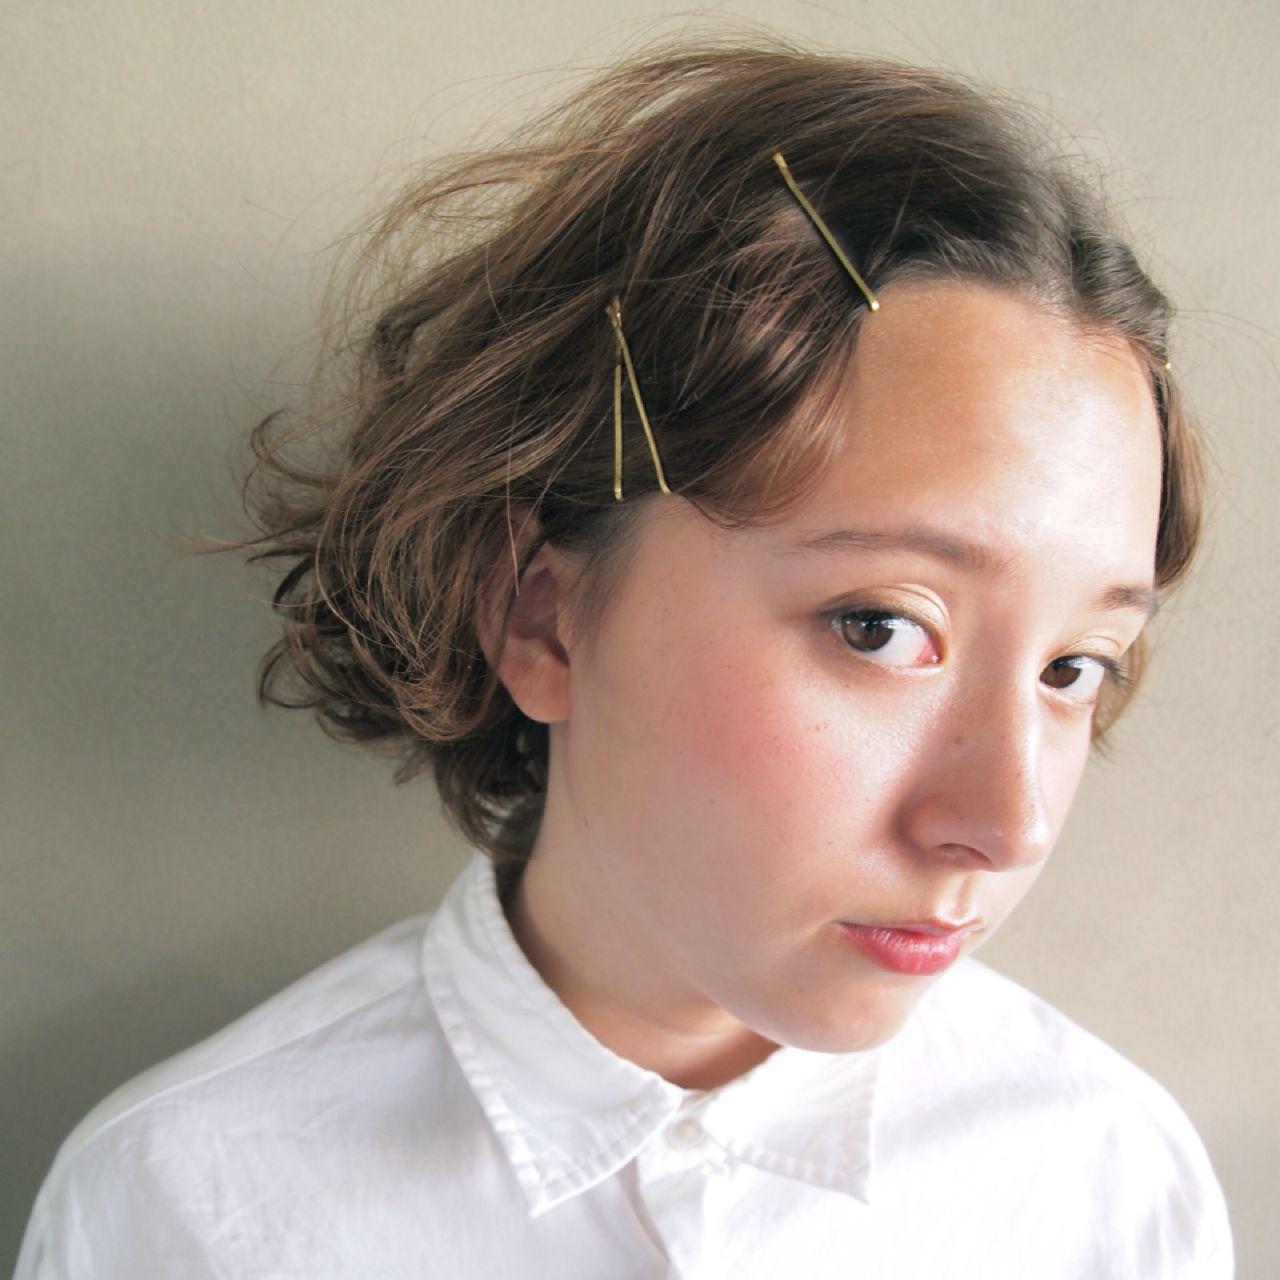 ピンがあればOK♡初心者さんも簡単に出来る前髪の上げ方をチェックのサムネイル画像